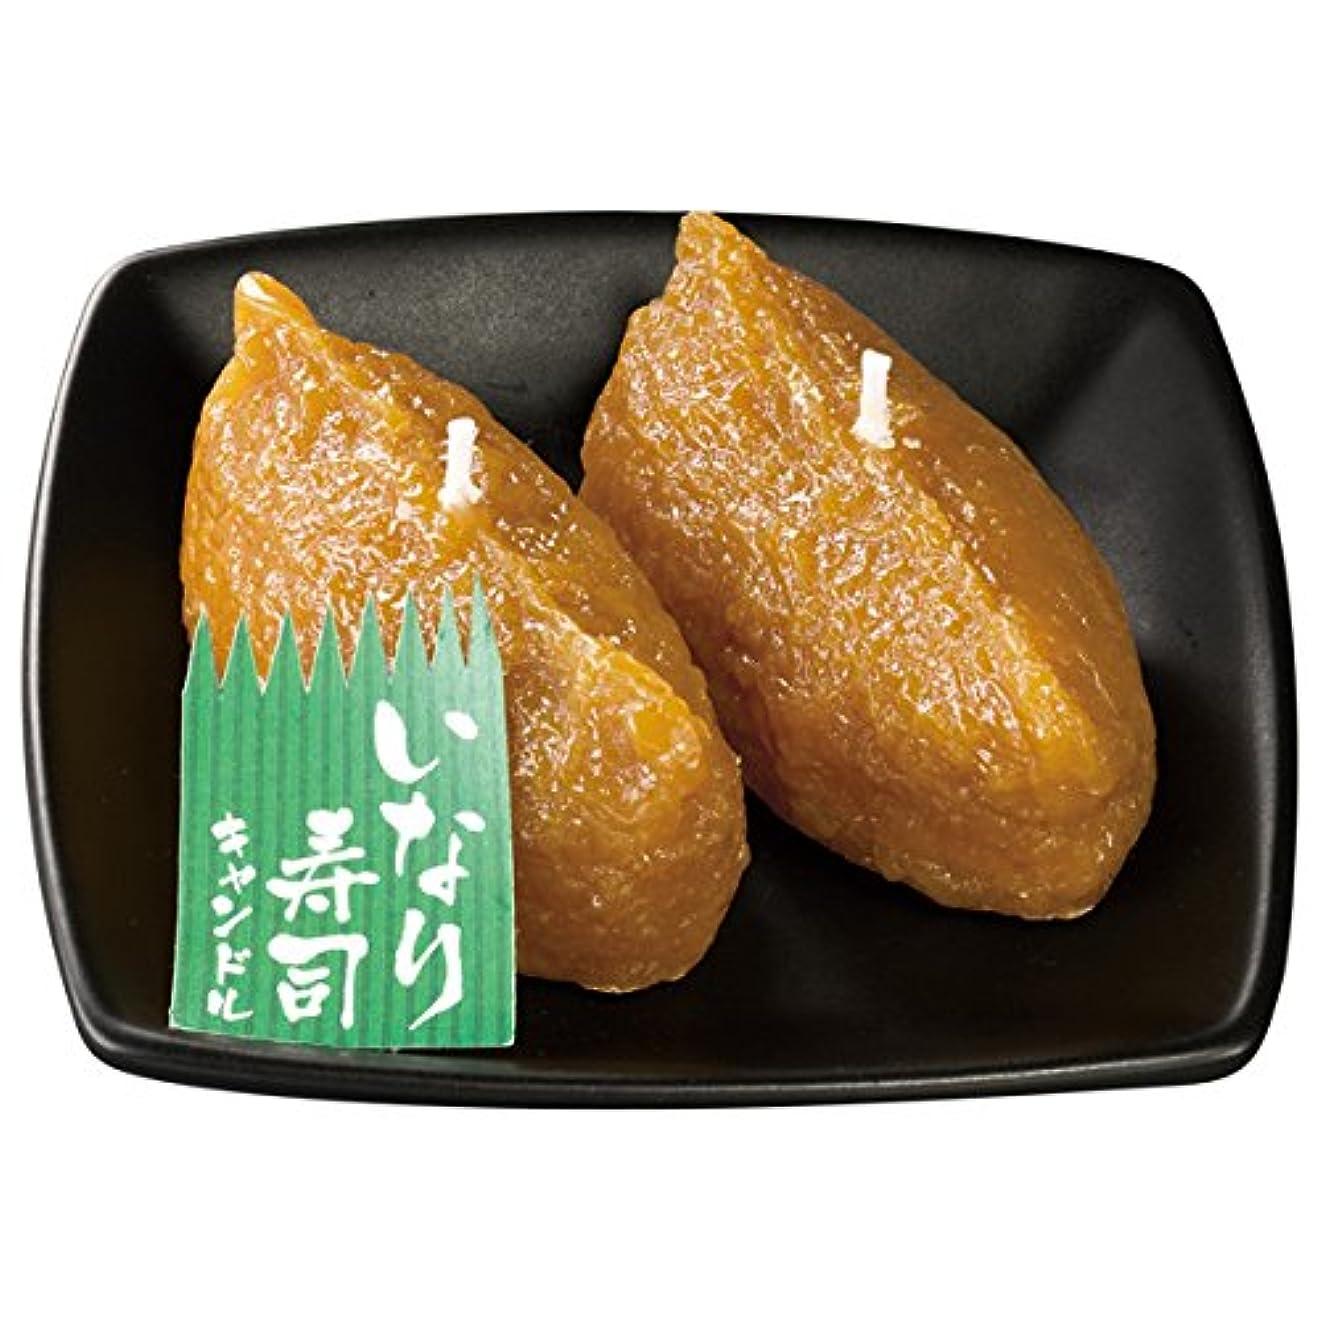 シーケンス線メンバーいなり寿司キャンドル